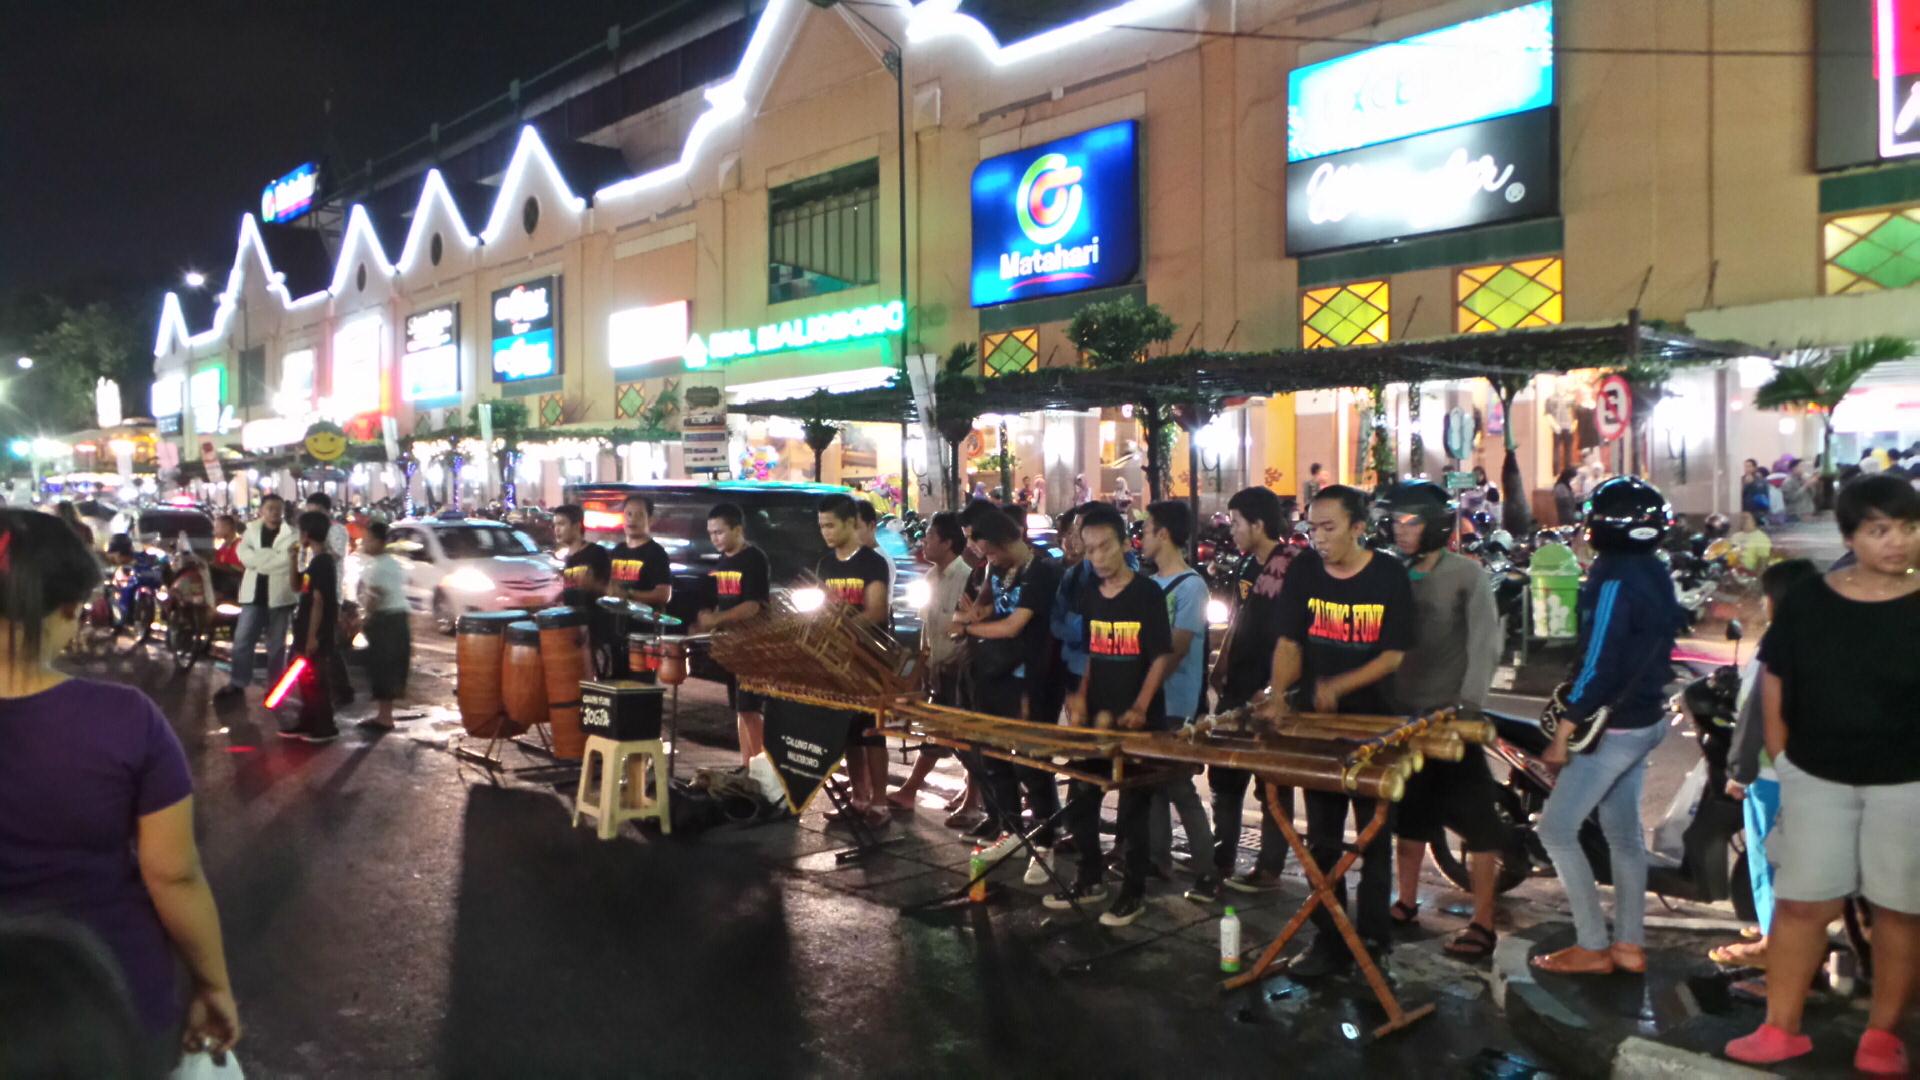 Musik jalanan yang menemani malam di Malioboro (sumber : Aneka Tempat Wisata)